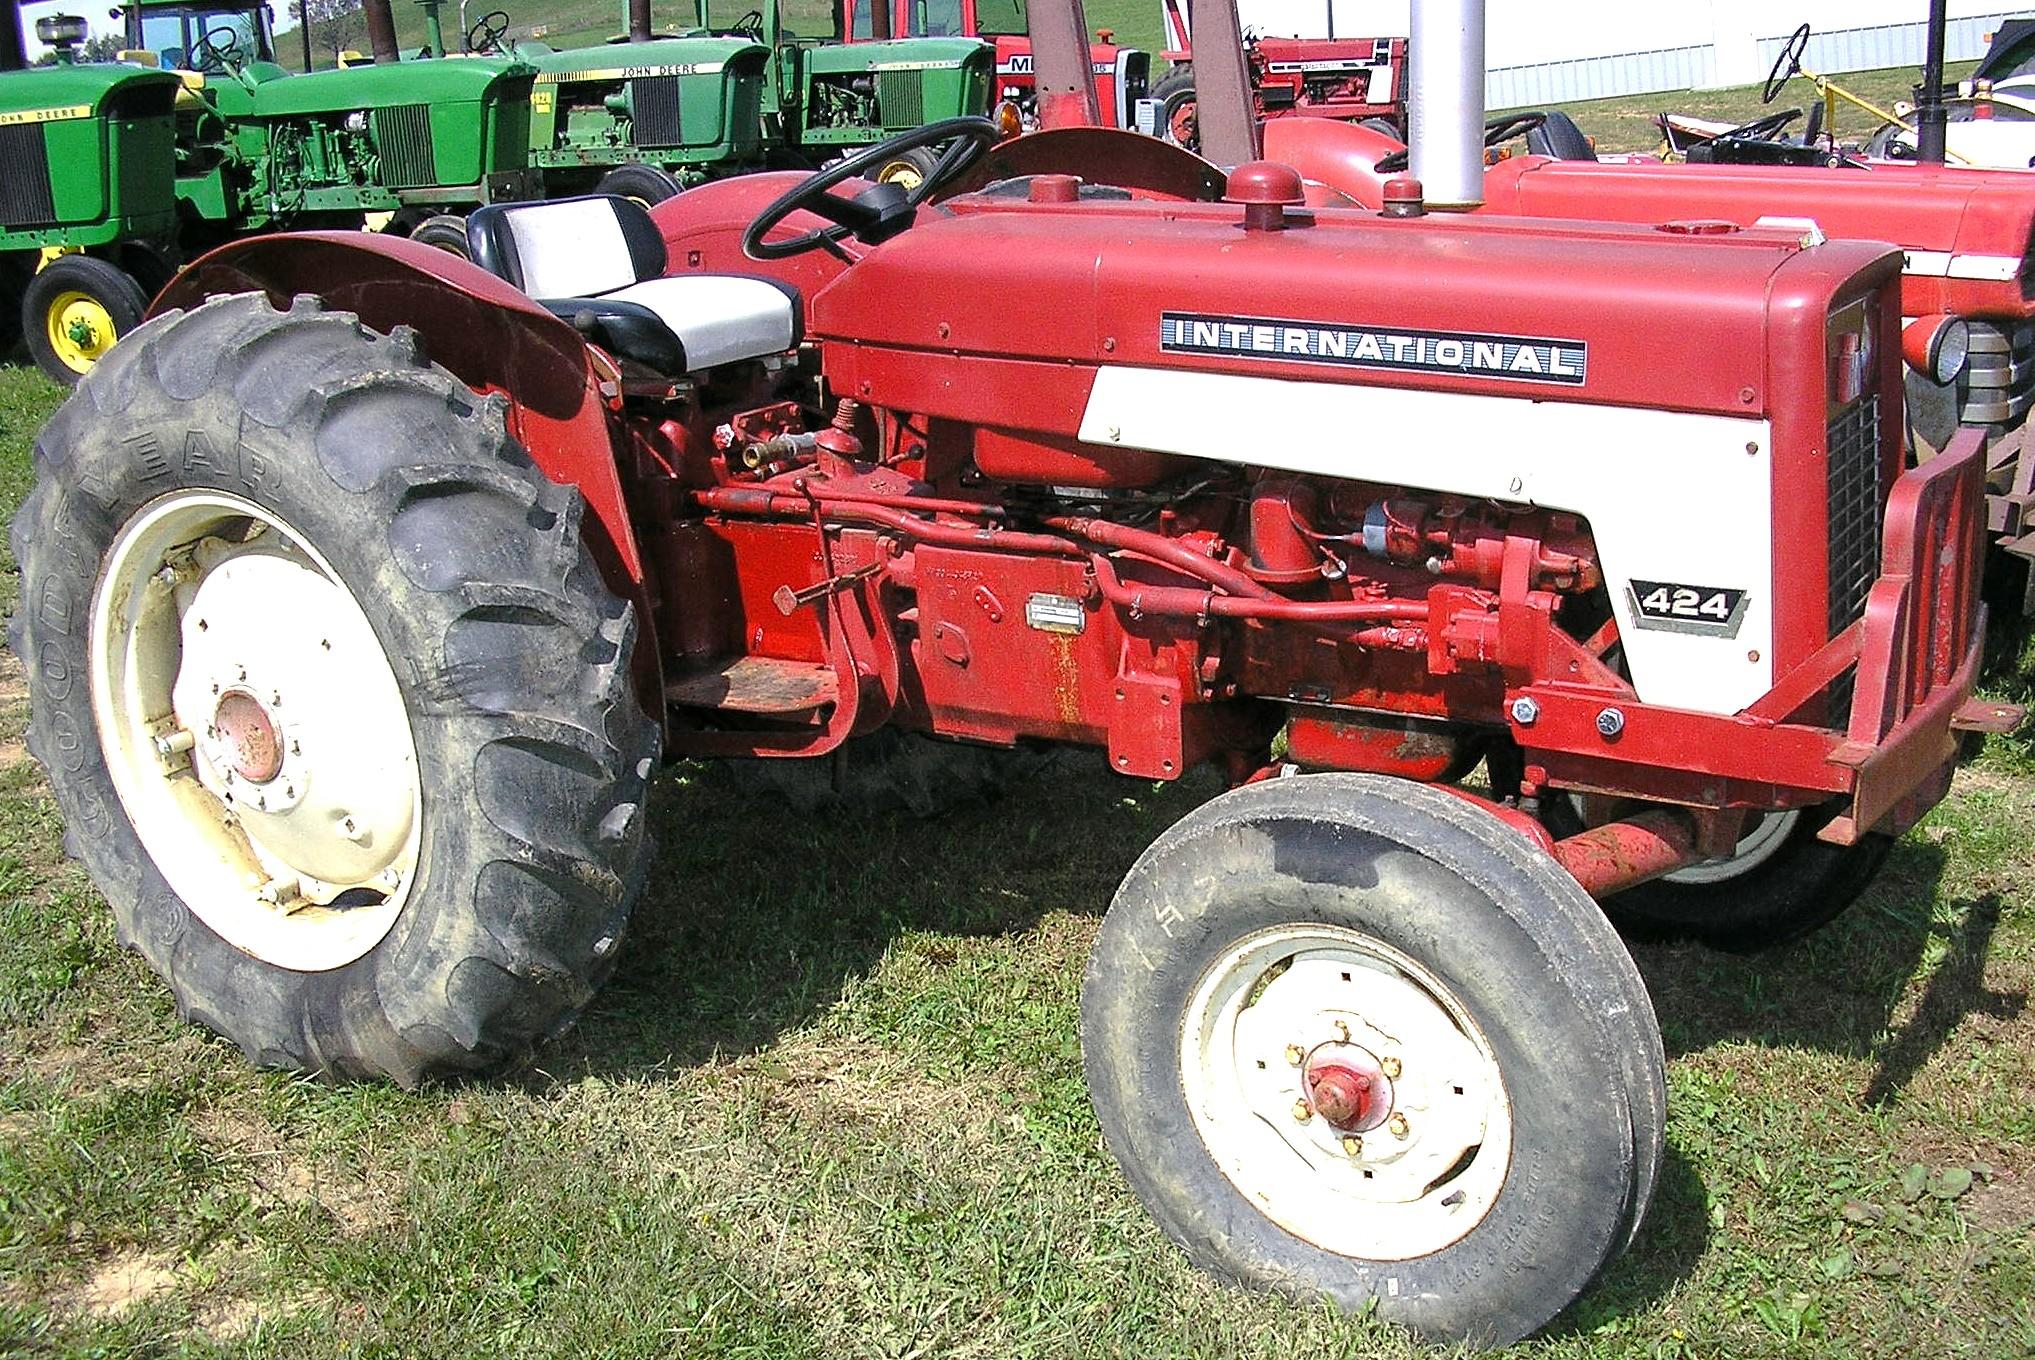 International Harvester 424 Parts : Архивы блогов megatracker